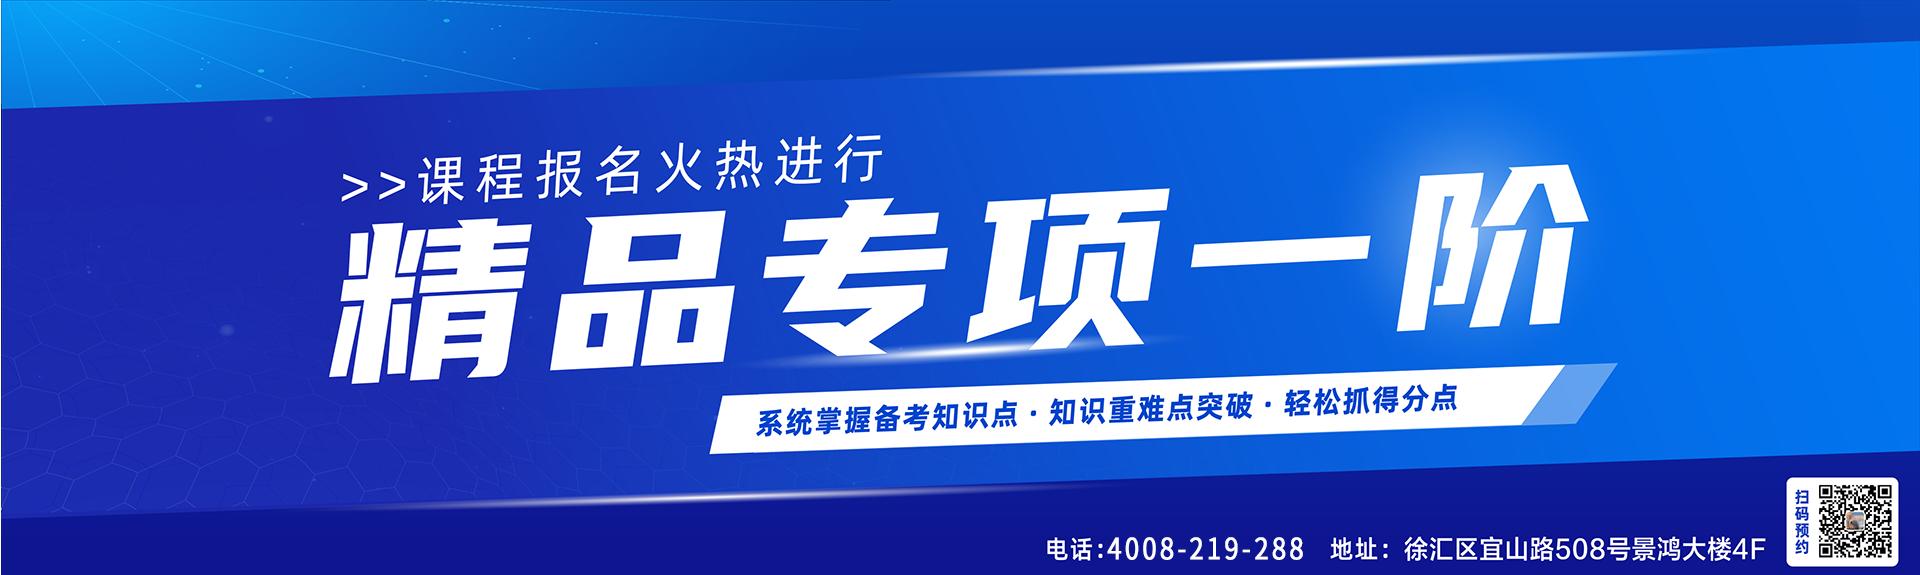 精品专项一阶课程火热报名中-上海征辰